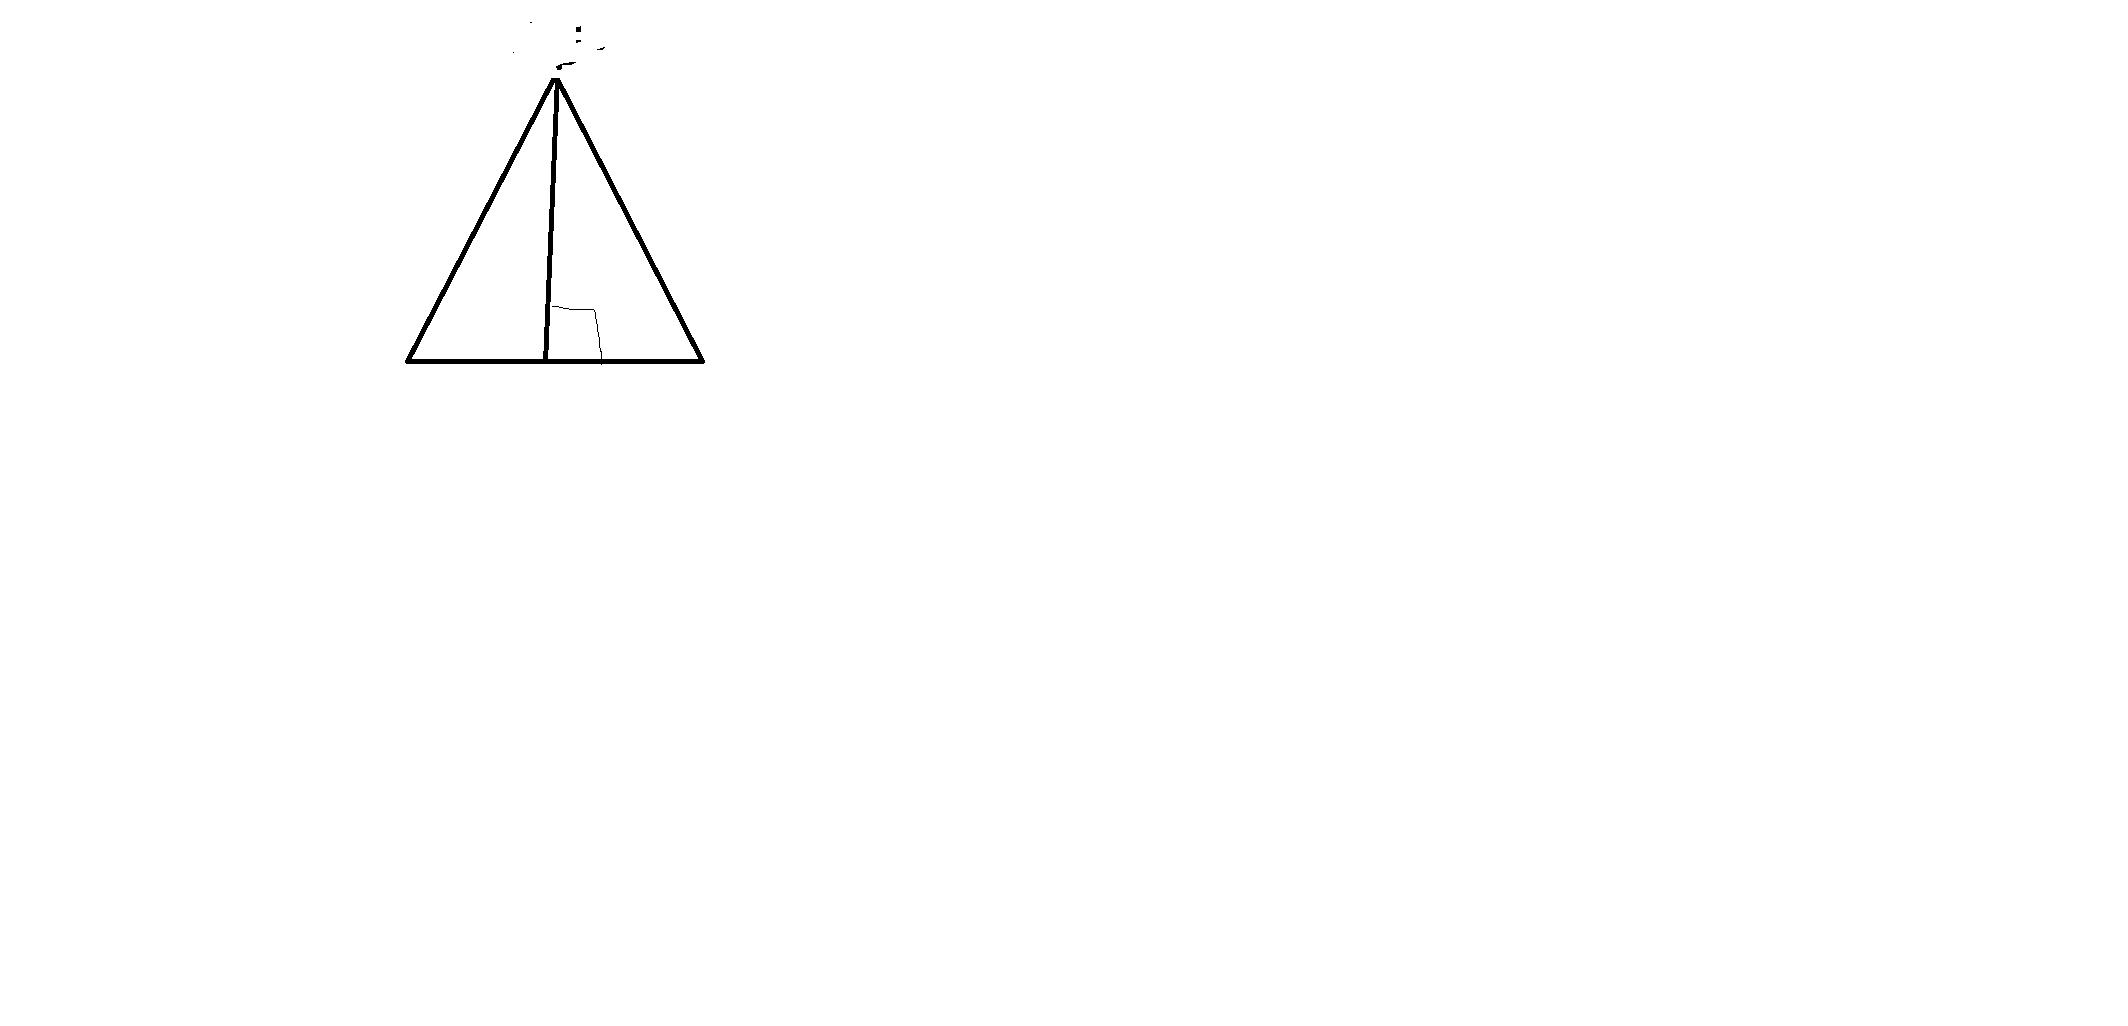 锐角三角形的高如何画图片